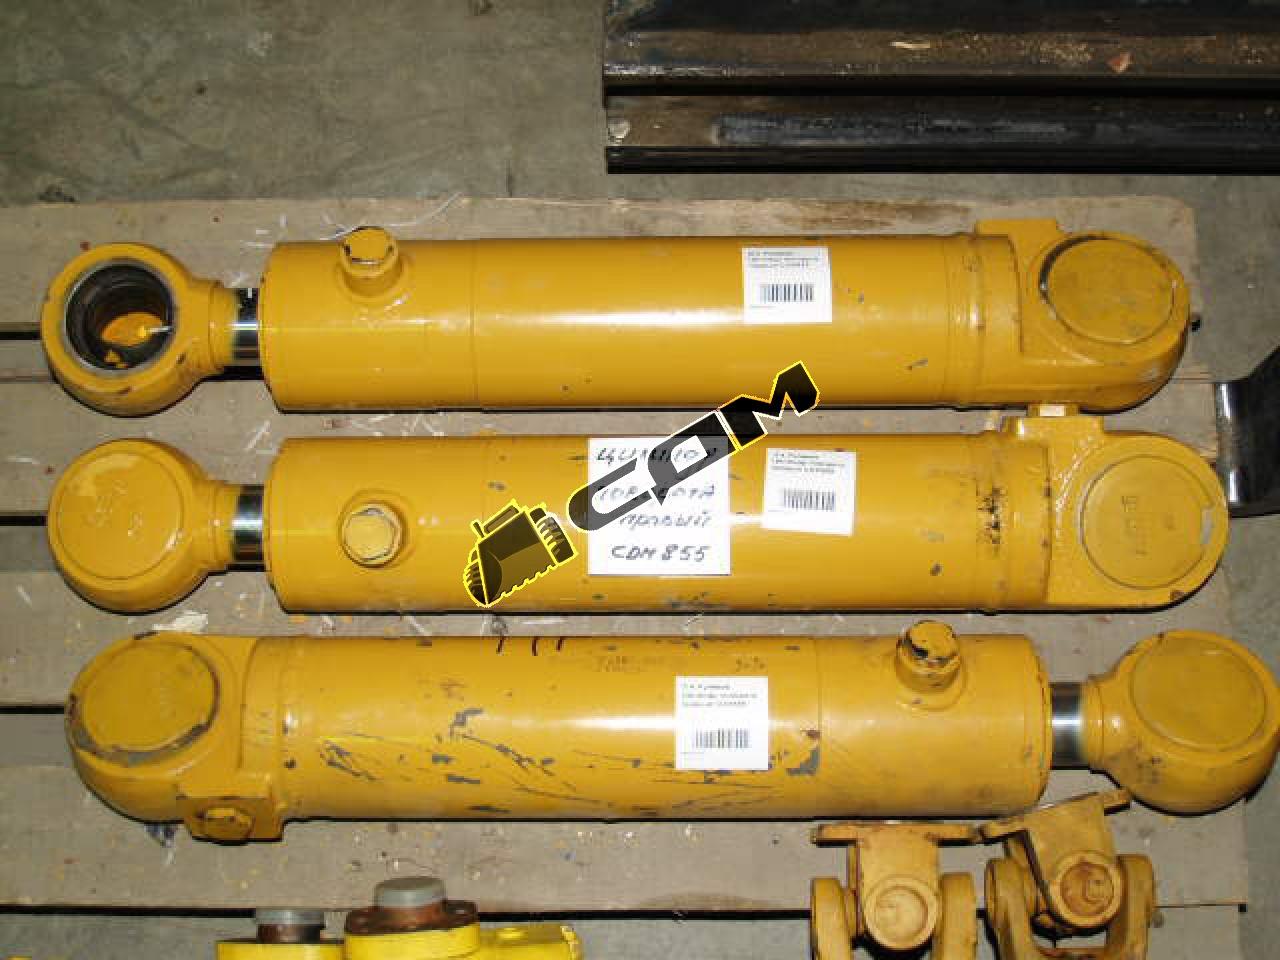 Цилиндр поворота правый CDM855 LG855.06.04/LG856.16.16 LG855.06.04/LG856.06.16